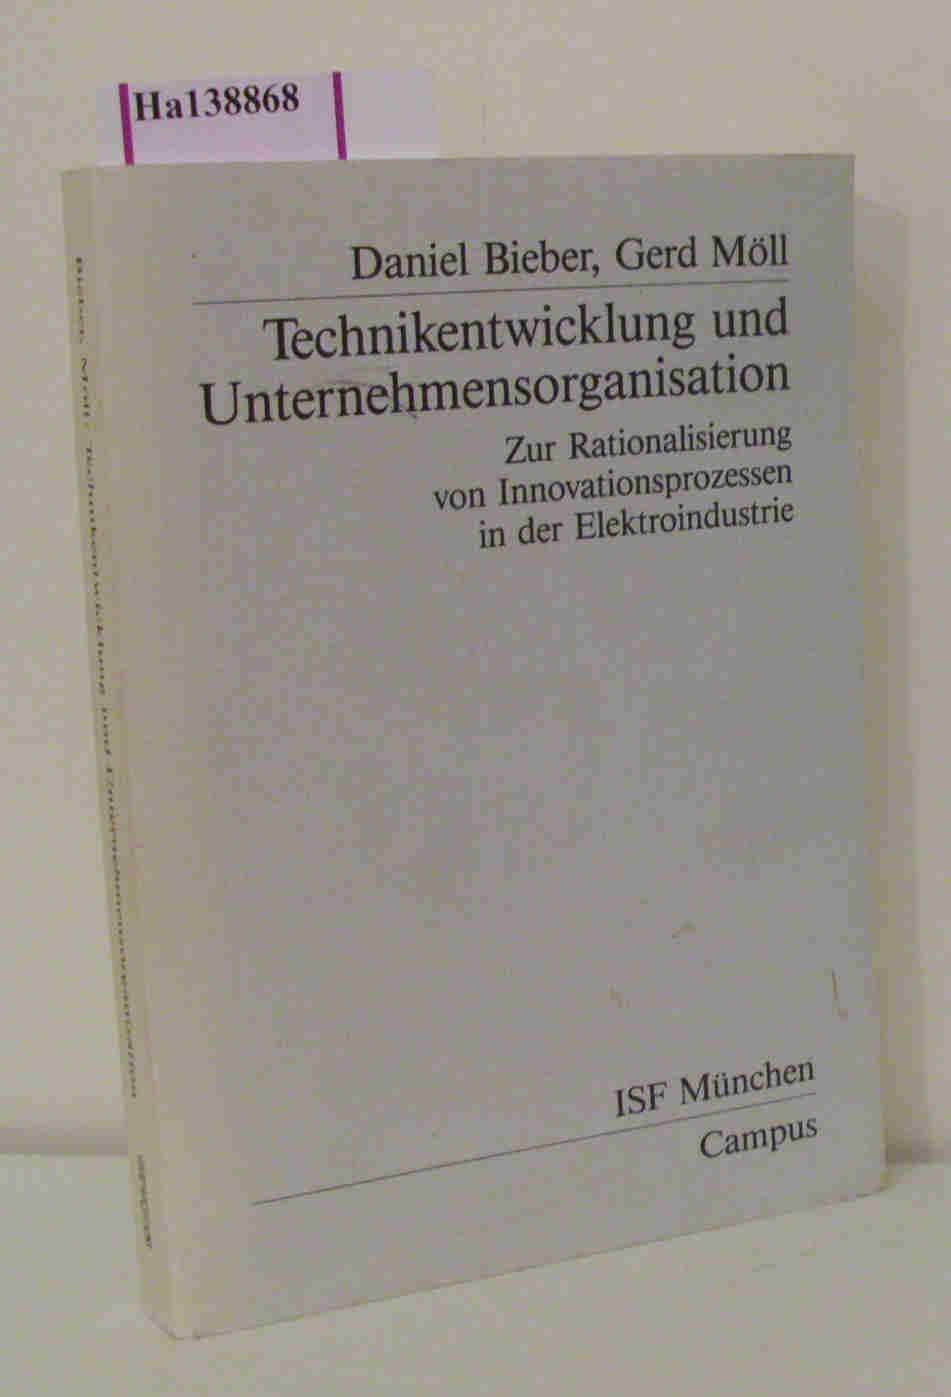 Technikentwicklung und Unternehmensorganisation. Zur Rationalisierung von Innovationsprozessen in der Elektroindustrie. ( Veröffentlichungen aus dem Institut für Sozialwissenschaftlichen Forschung e. V. ISF München) .